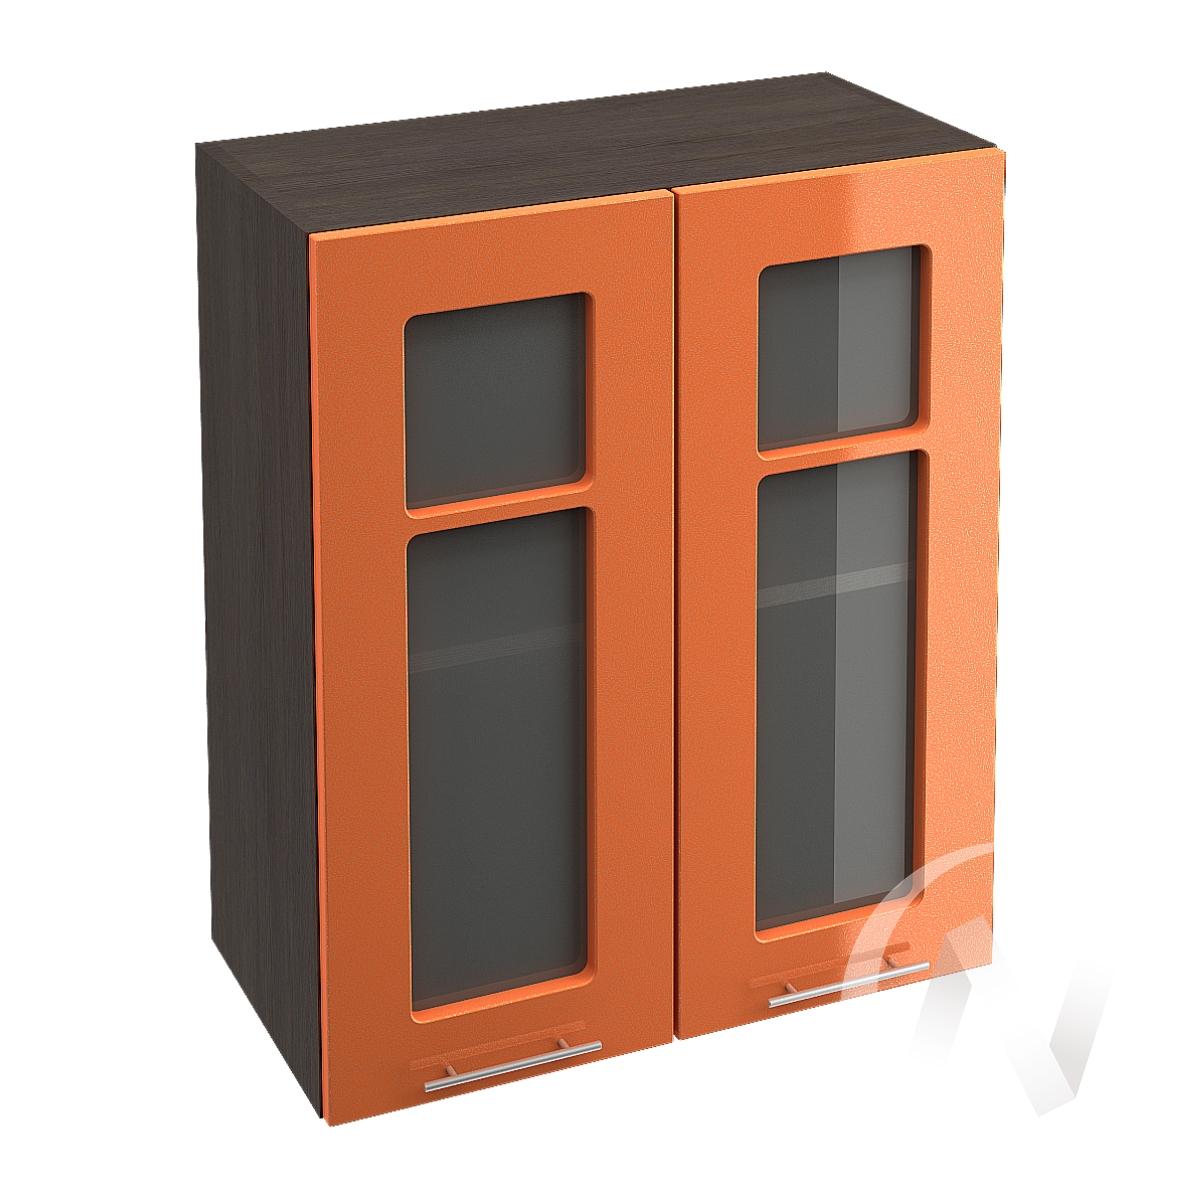 """Купить кухня """"техно"""": шкаф верхний со стеклом 600, швс 600 (корпус венге) в Новосибирске в интернет-магазине Мебель плюс Техника"""